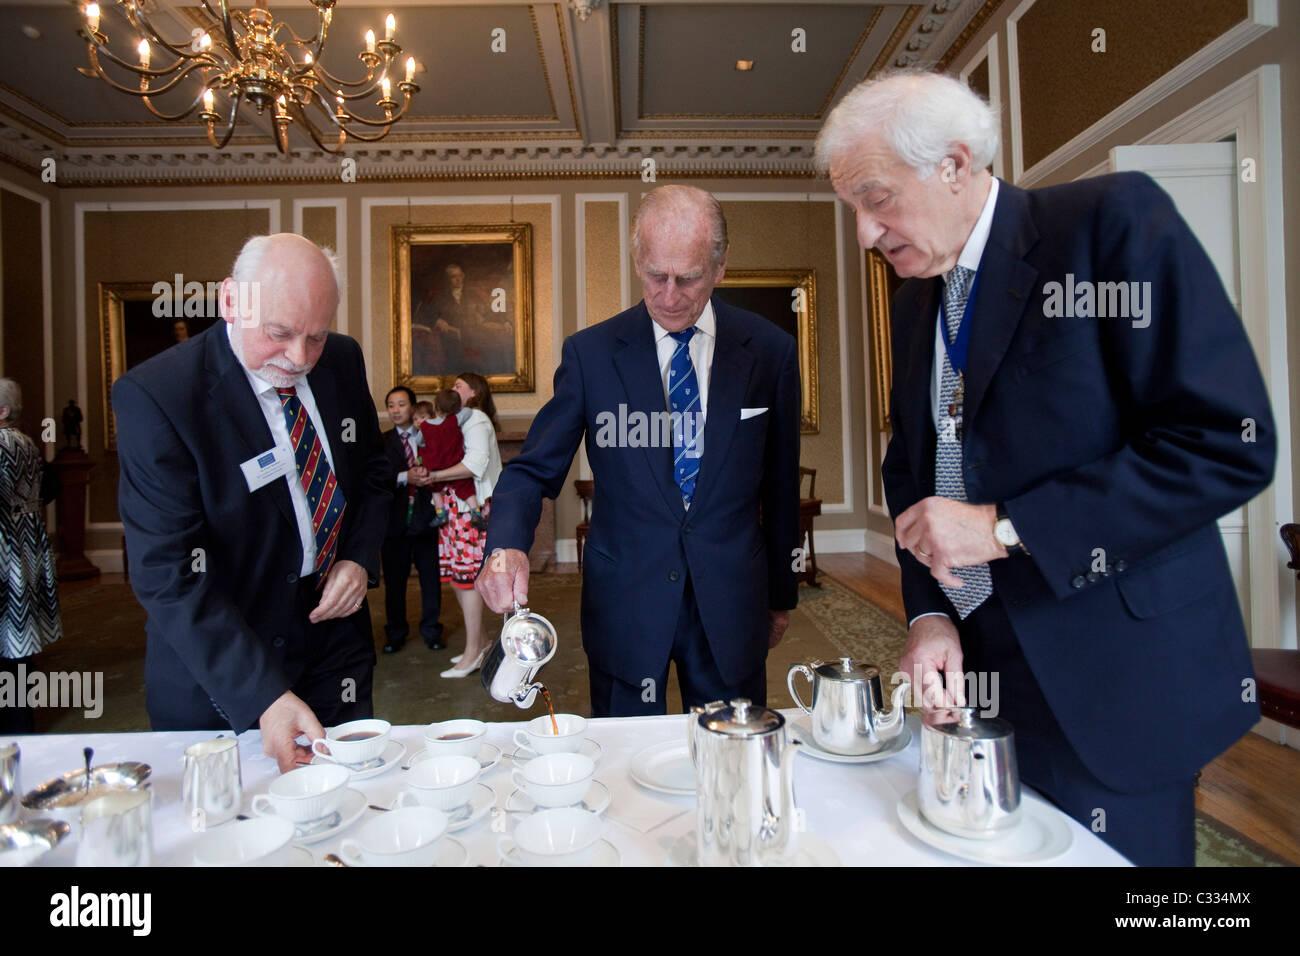 Su Alteza Real el Duque de Edimburgo, el Príncipe Felipe, vierte té para sí mismo y para los demás Imagen De Stock